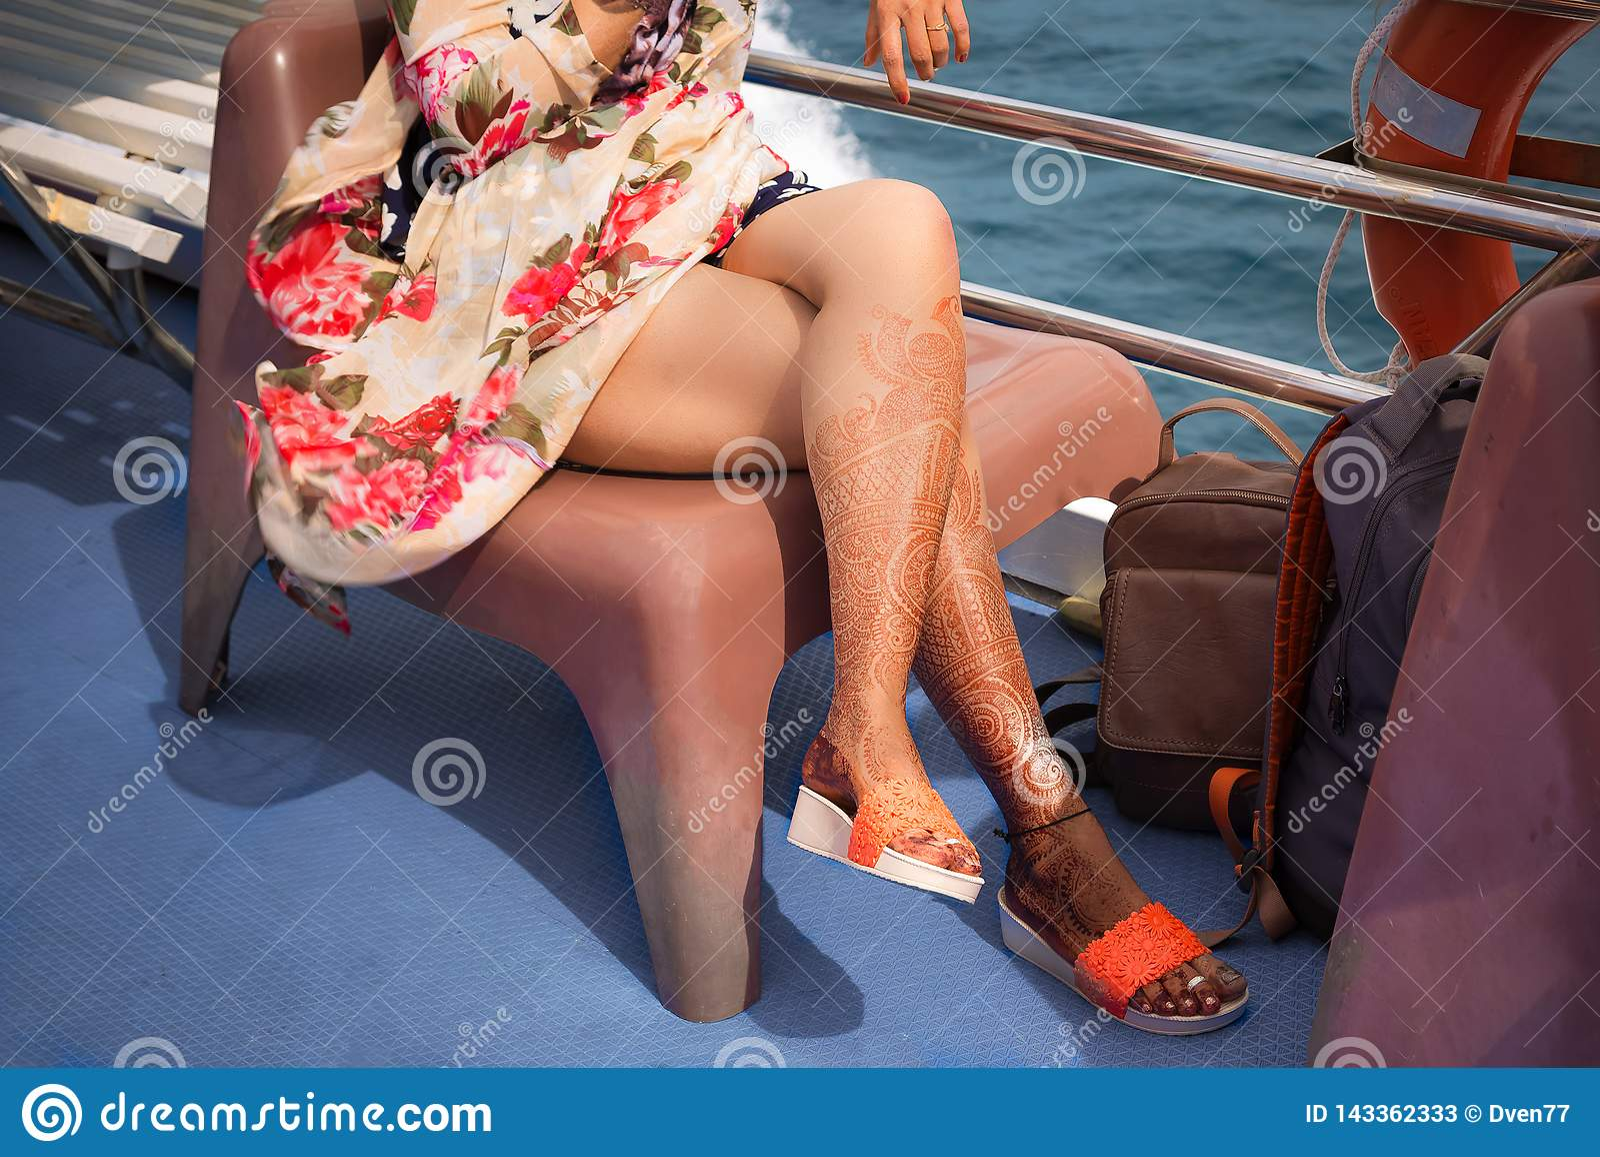 Ein Mädchen mit vorübergehenden Hennastrauchtätowierungen auf ihren Beinen Sitzt im bunten Kleid auf einem Stuhl auf einem Kreuzs